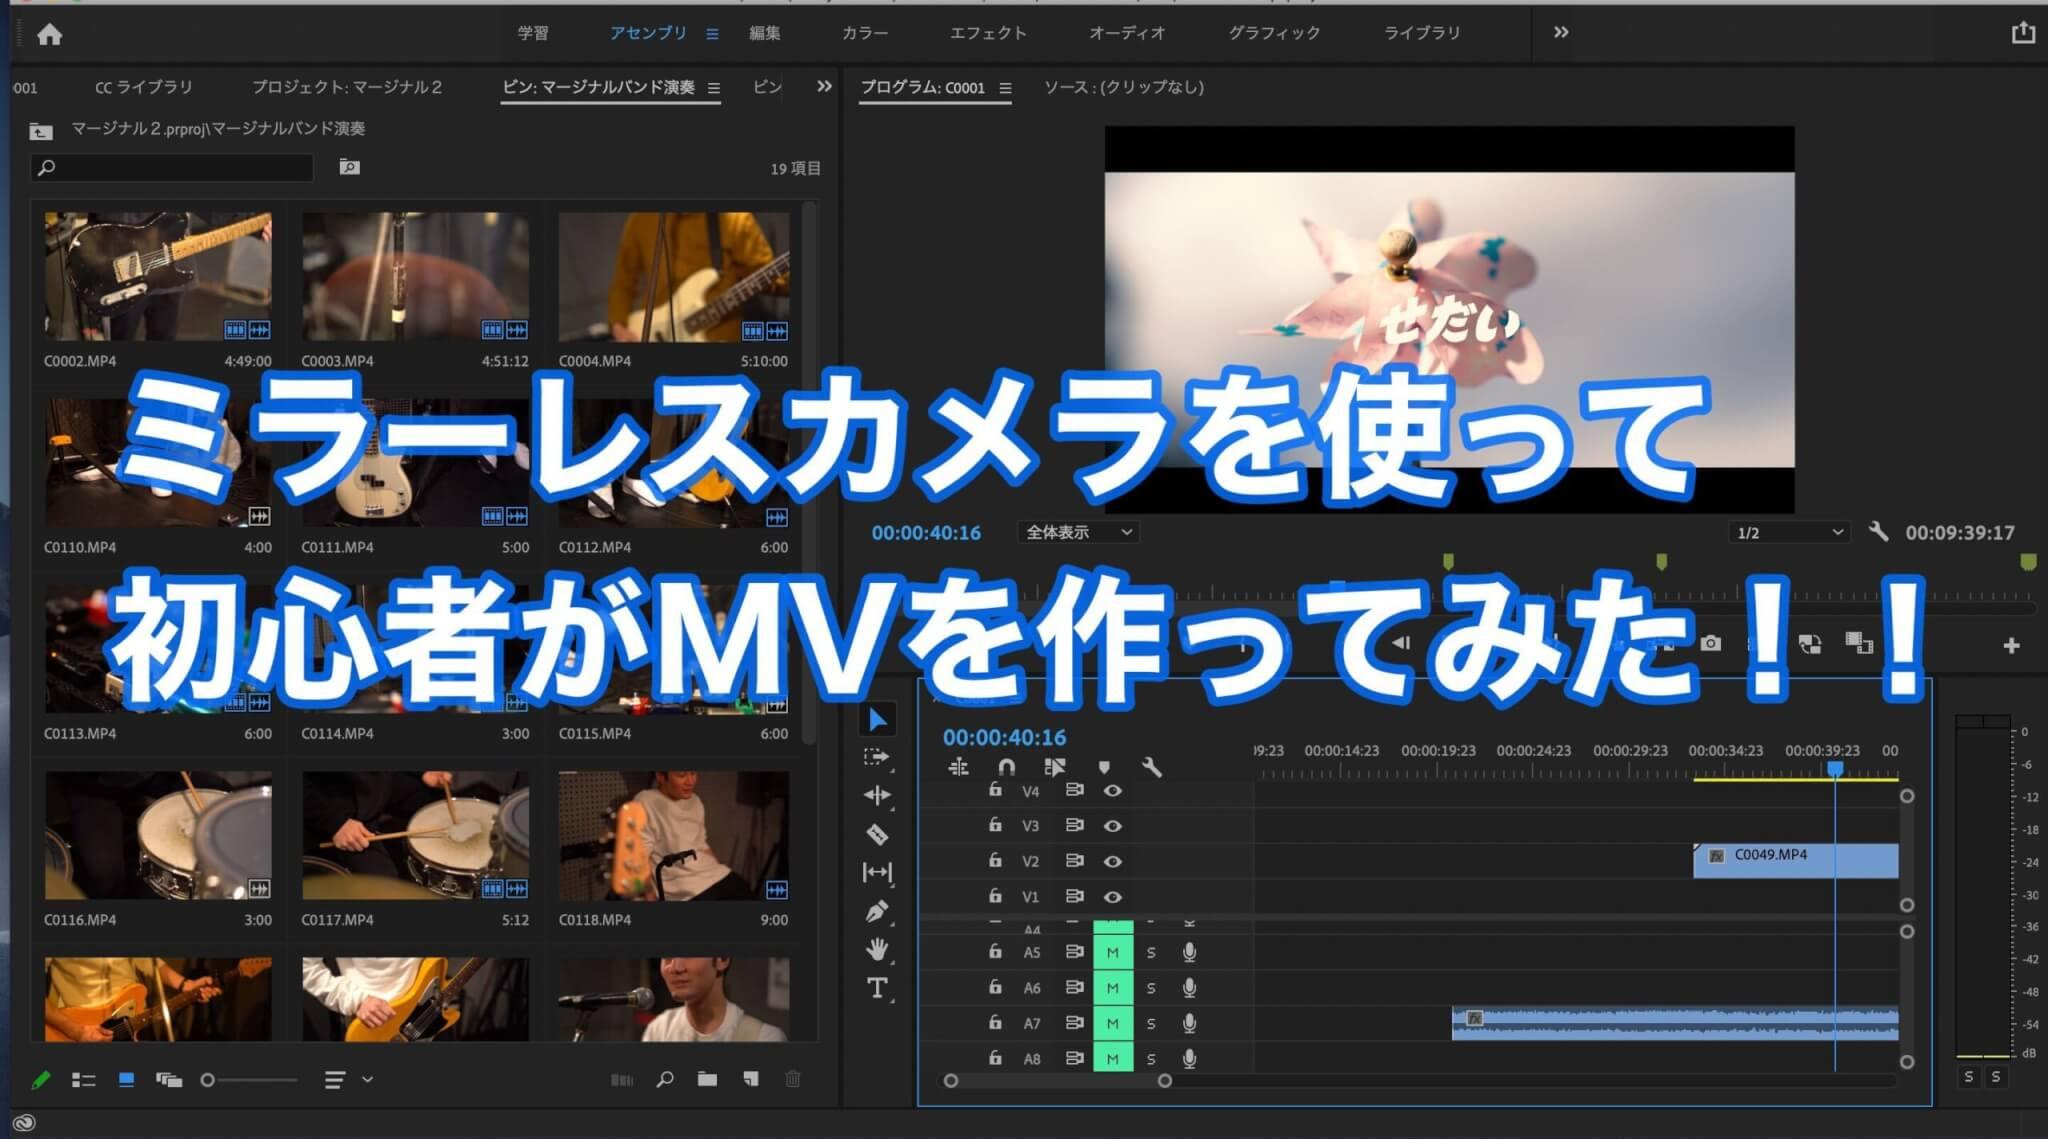 初心者でもできるMVの作り方!ミラーレス一眼カメラでバンドのMVを作ってみた